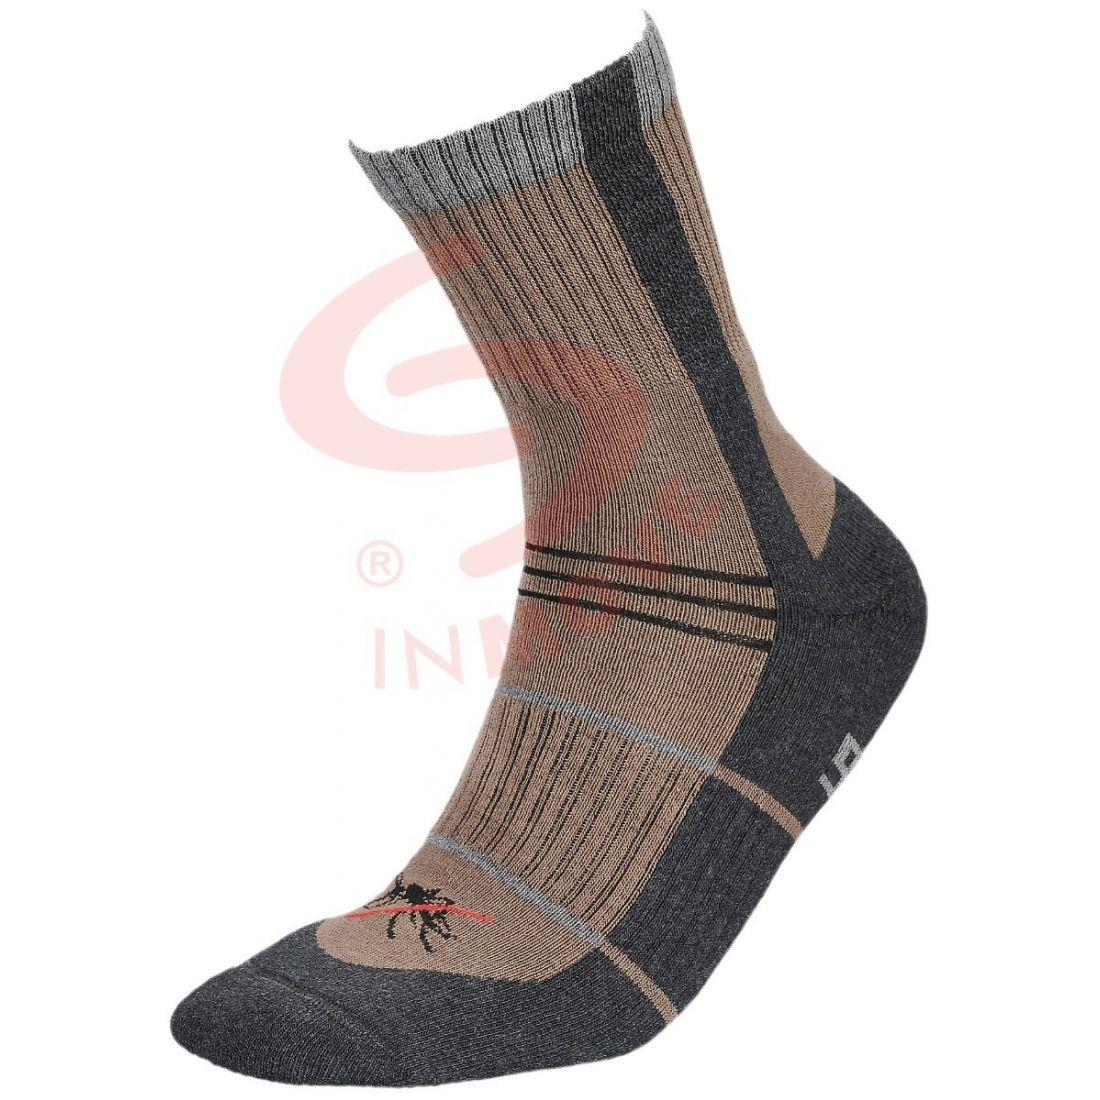 2f7511725 zdravotneponozky.sk - Športové ponožky - Outdoor Mosquitostop ...